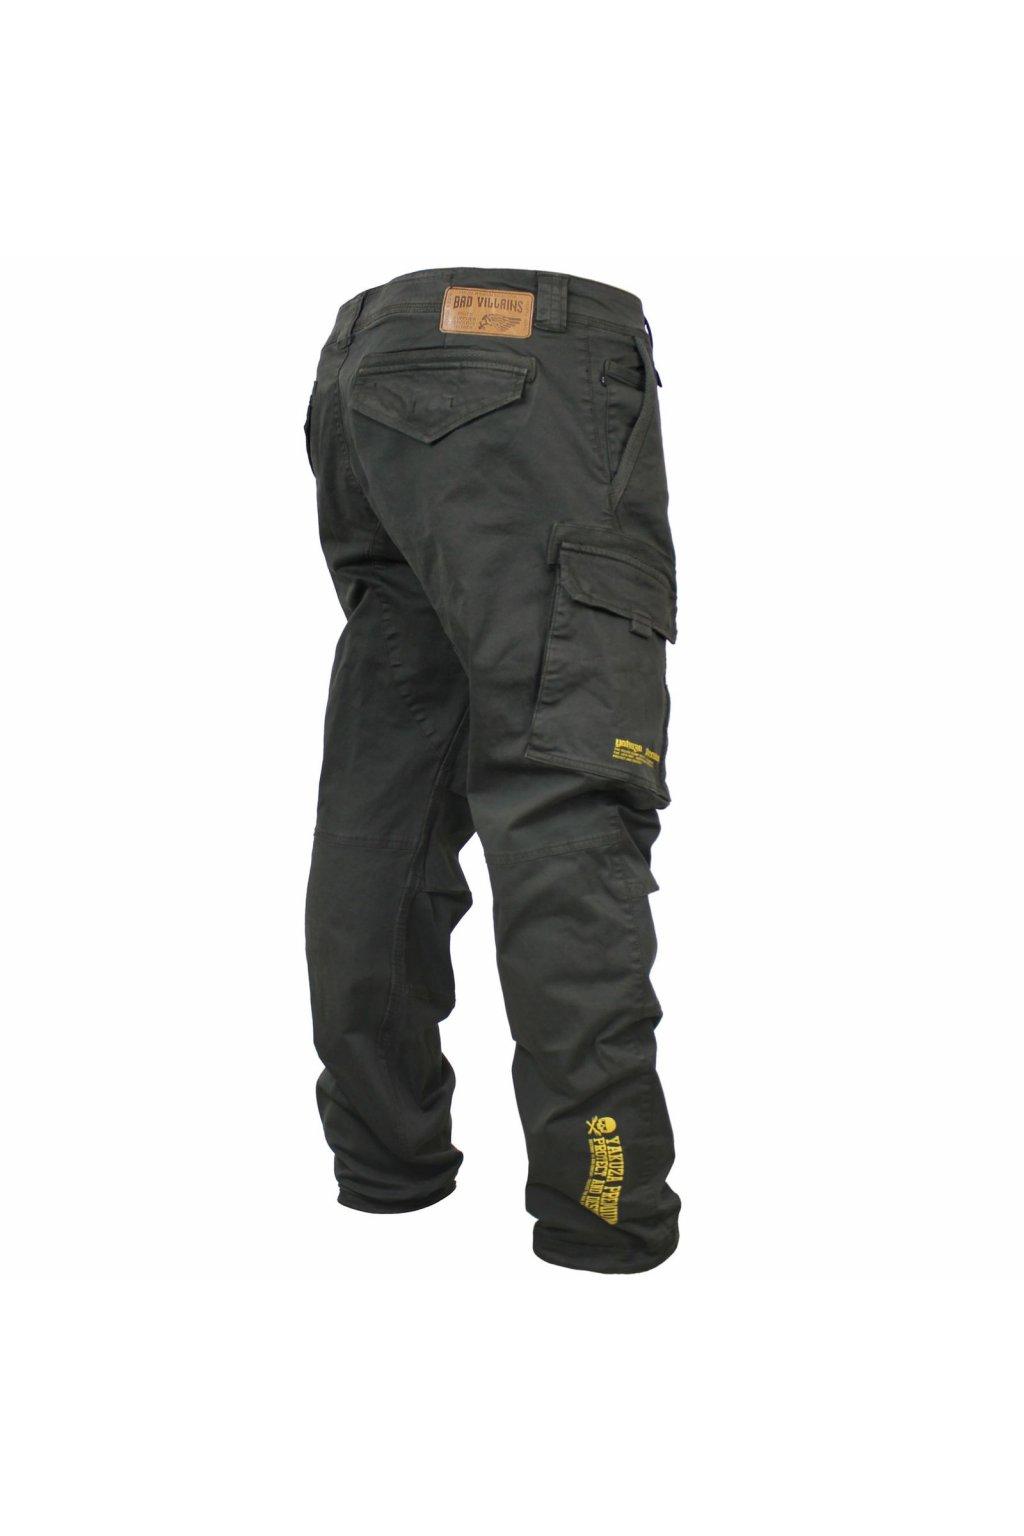 Pánské kalhoty Yakuza Premium Cargo Pants 2971 černé